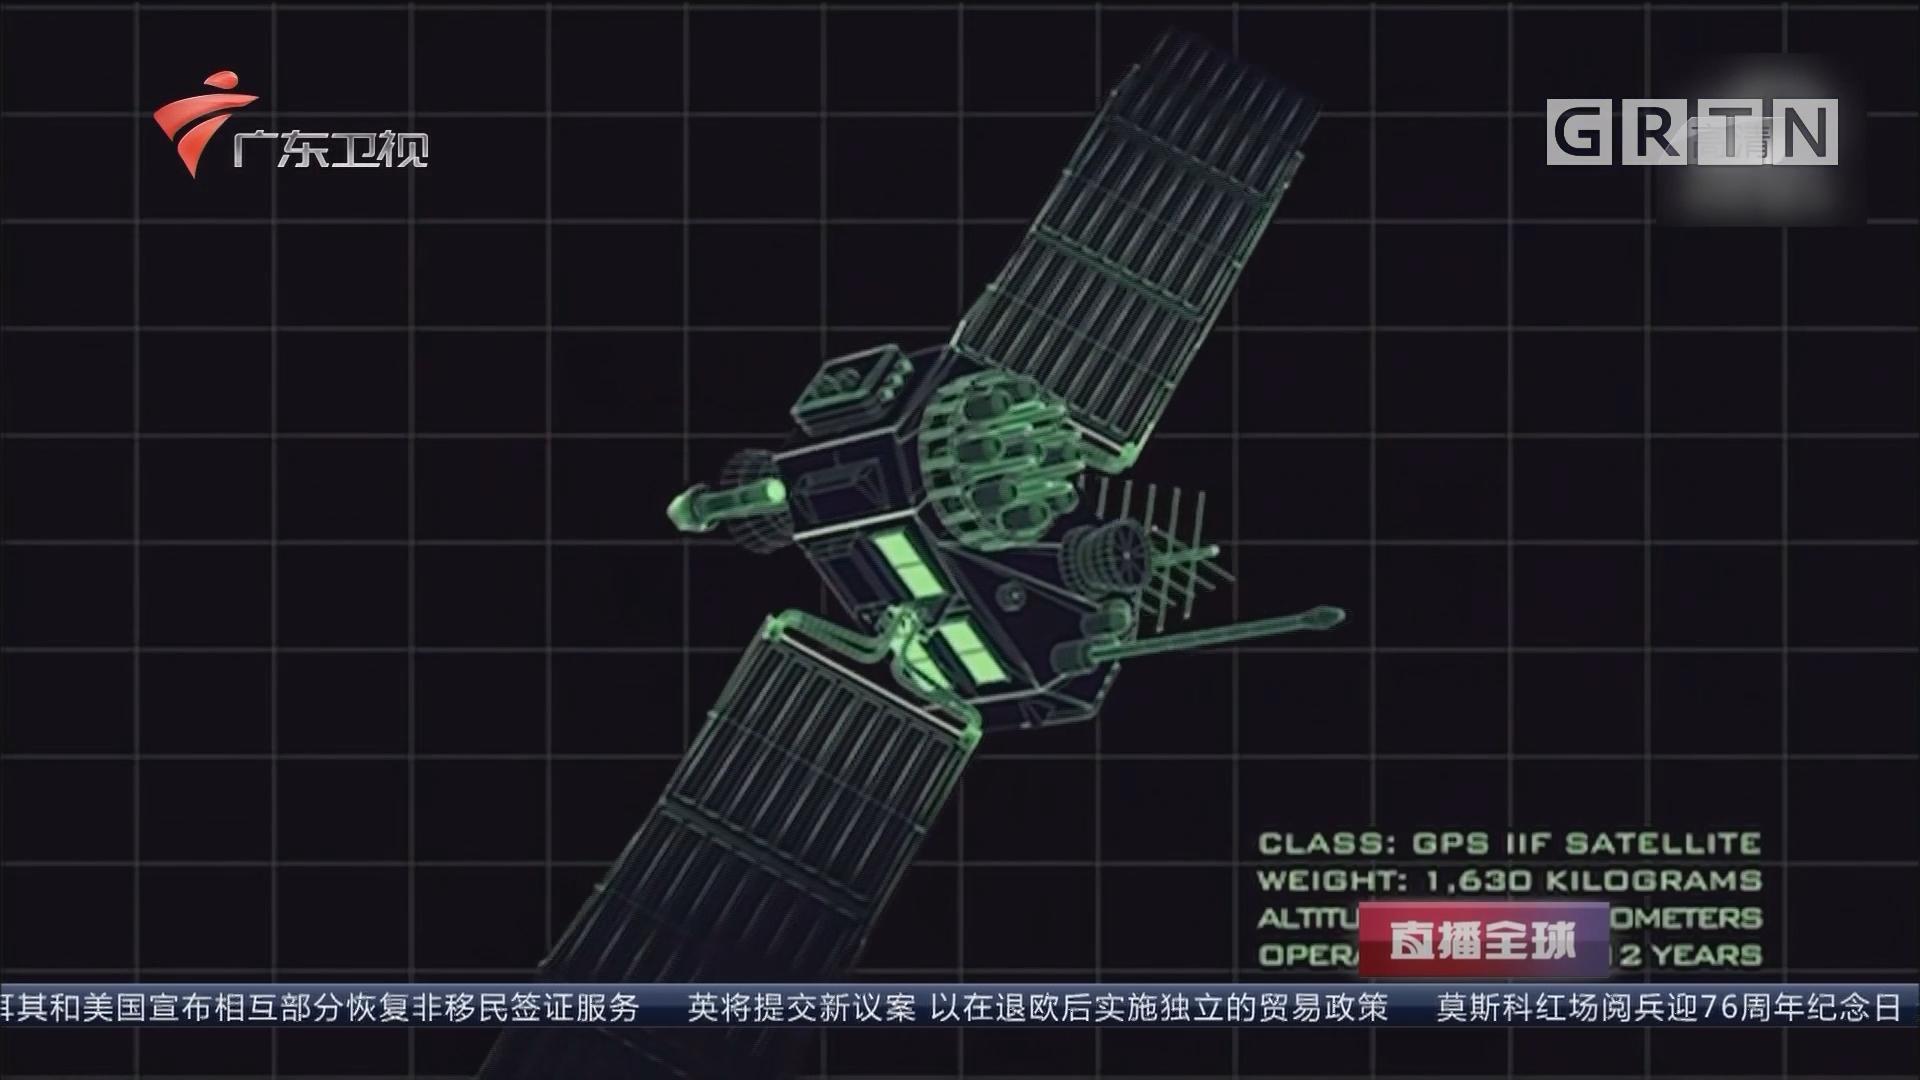 """中国北斗联天下 全球组网""""战幕""""拉开 GPS有多强大?"""